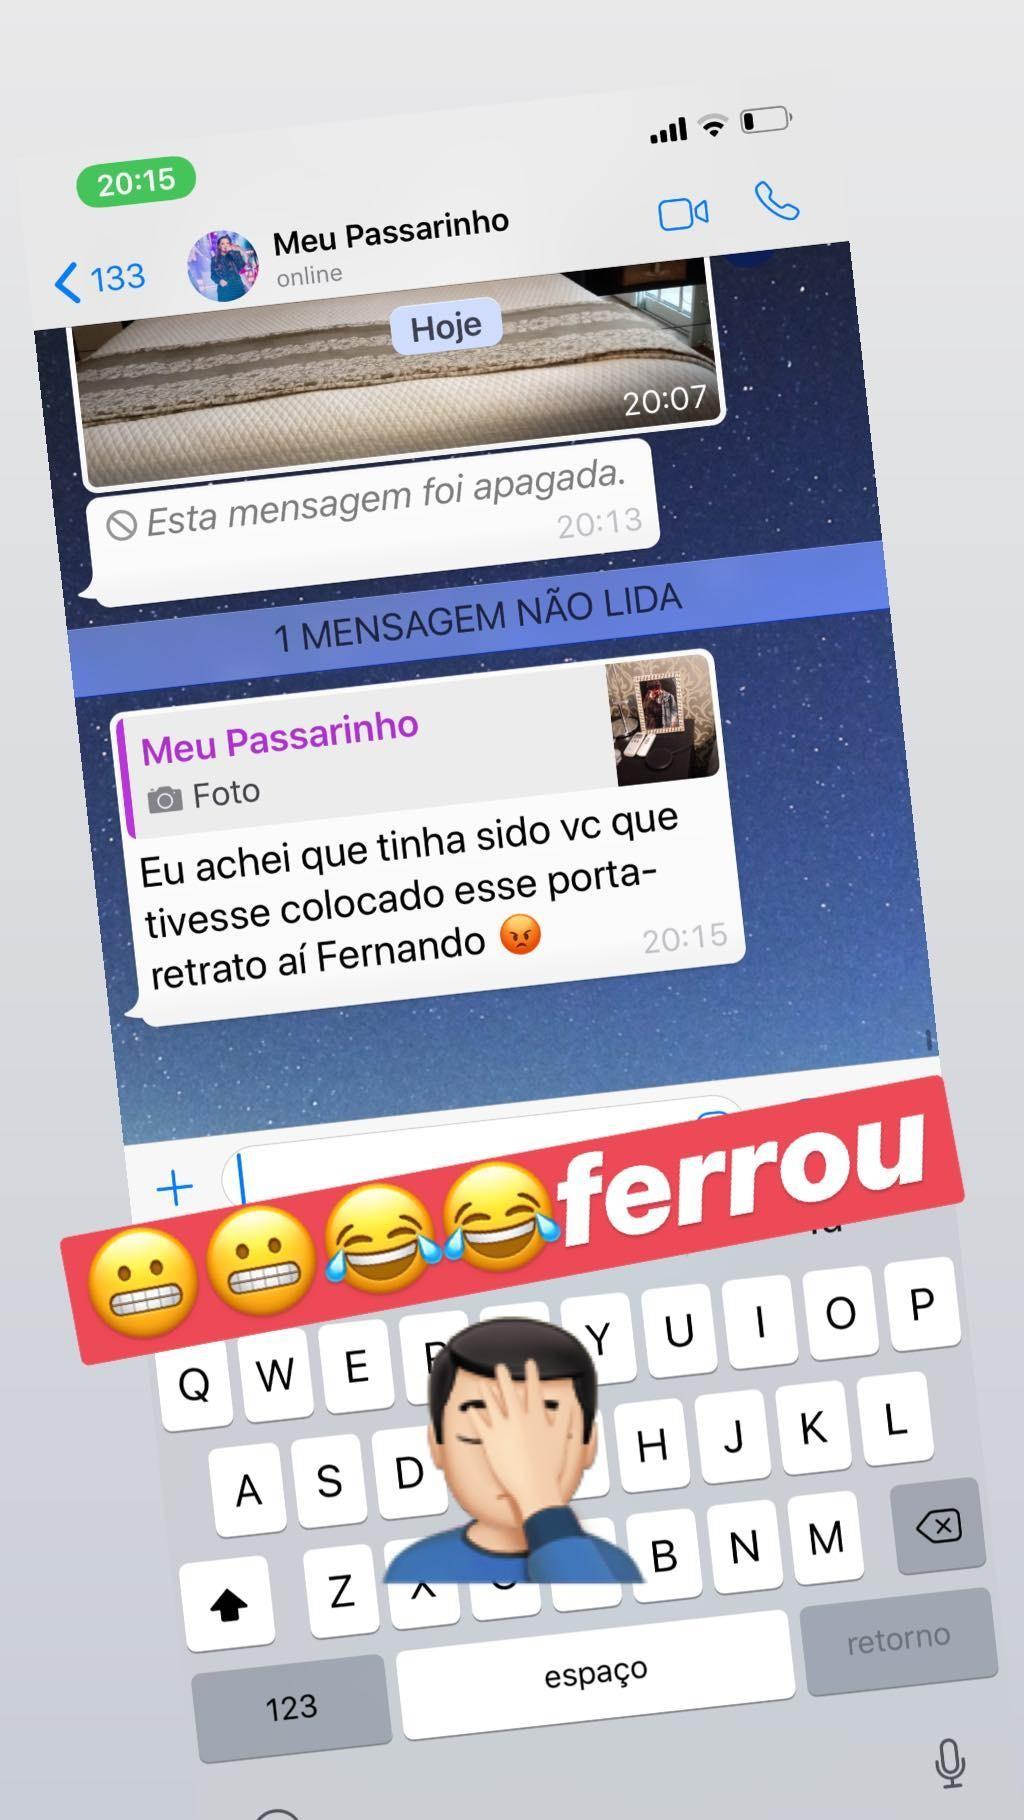 Fernando mostra troca de mensagem com Maiara (Foto: Reprodução)